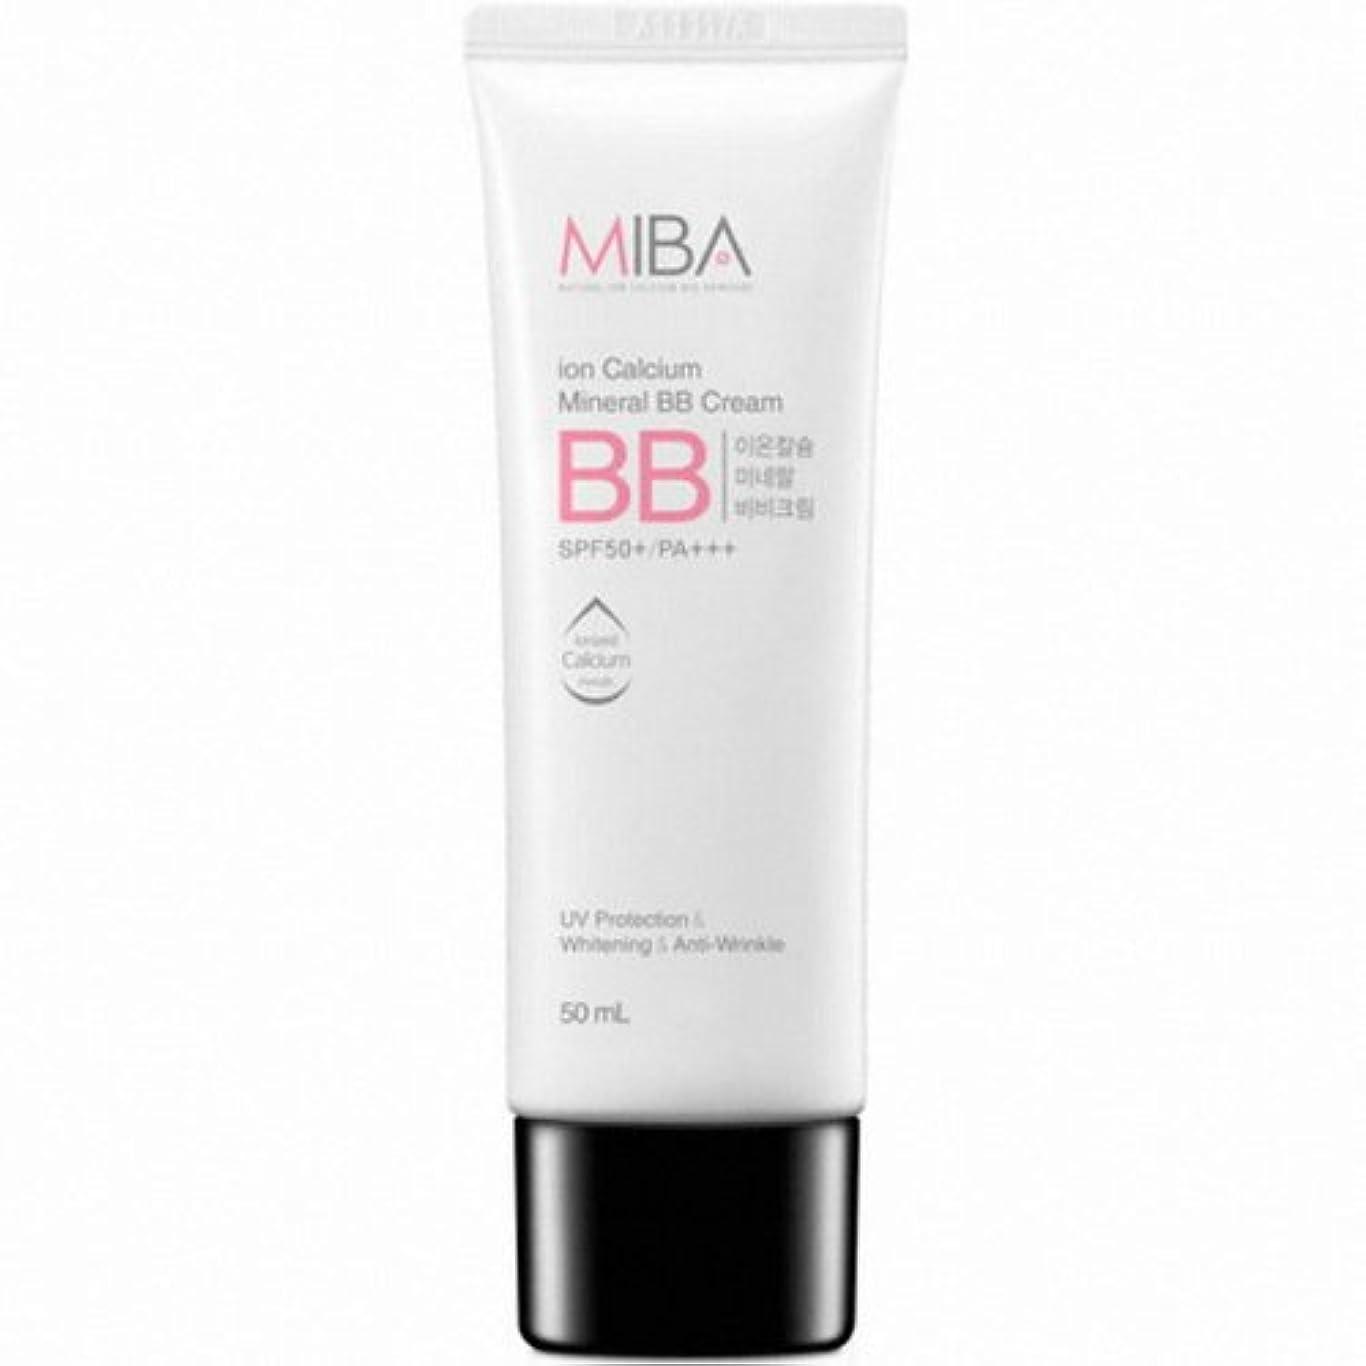 ピルビート差別的MINERALBIO (ミネラルバイオ) ミバ イオン カルシウム ミネラル ビビクリーム / MIBA Ion Calcium Mineral BB Cream (50ml) [並行輸入品]